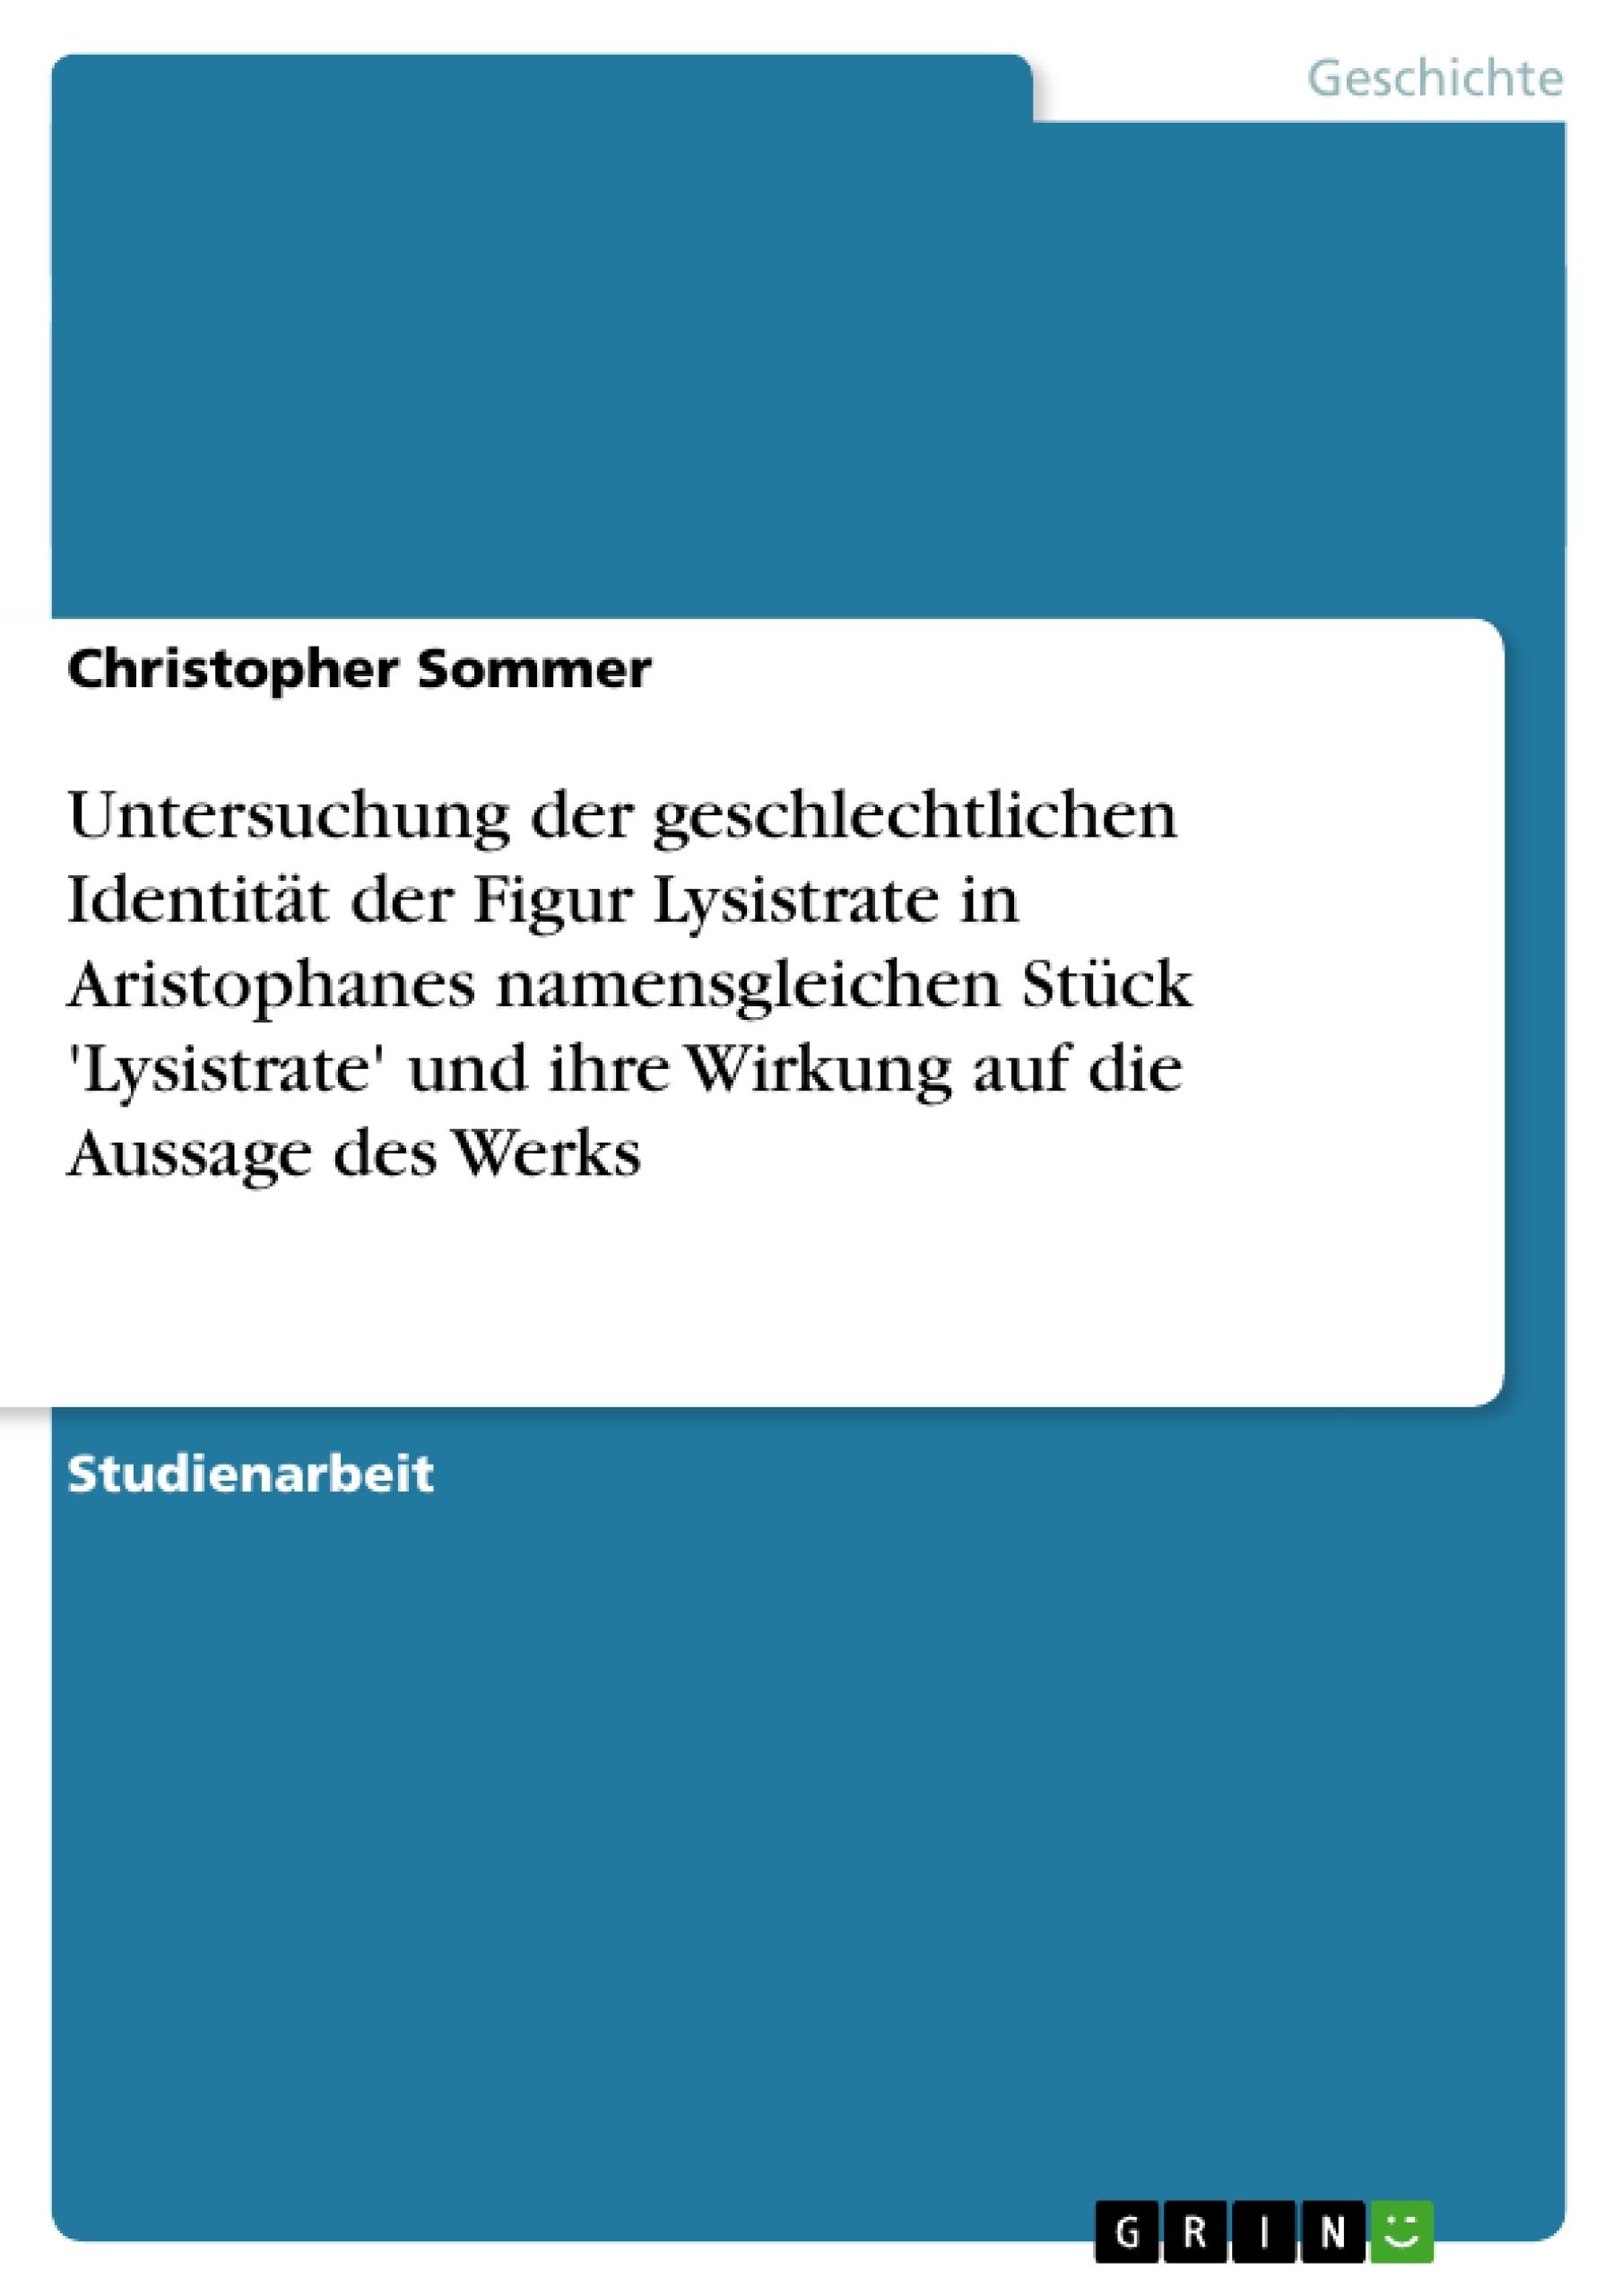 Titel: Untersuchung der geschlechtlichen Identität der Figur Lysistrate in Aristophanes namensgleichen Stück 'Lysistrate' und ihre Wirkung auf die Aussage des Werks